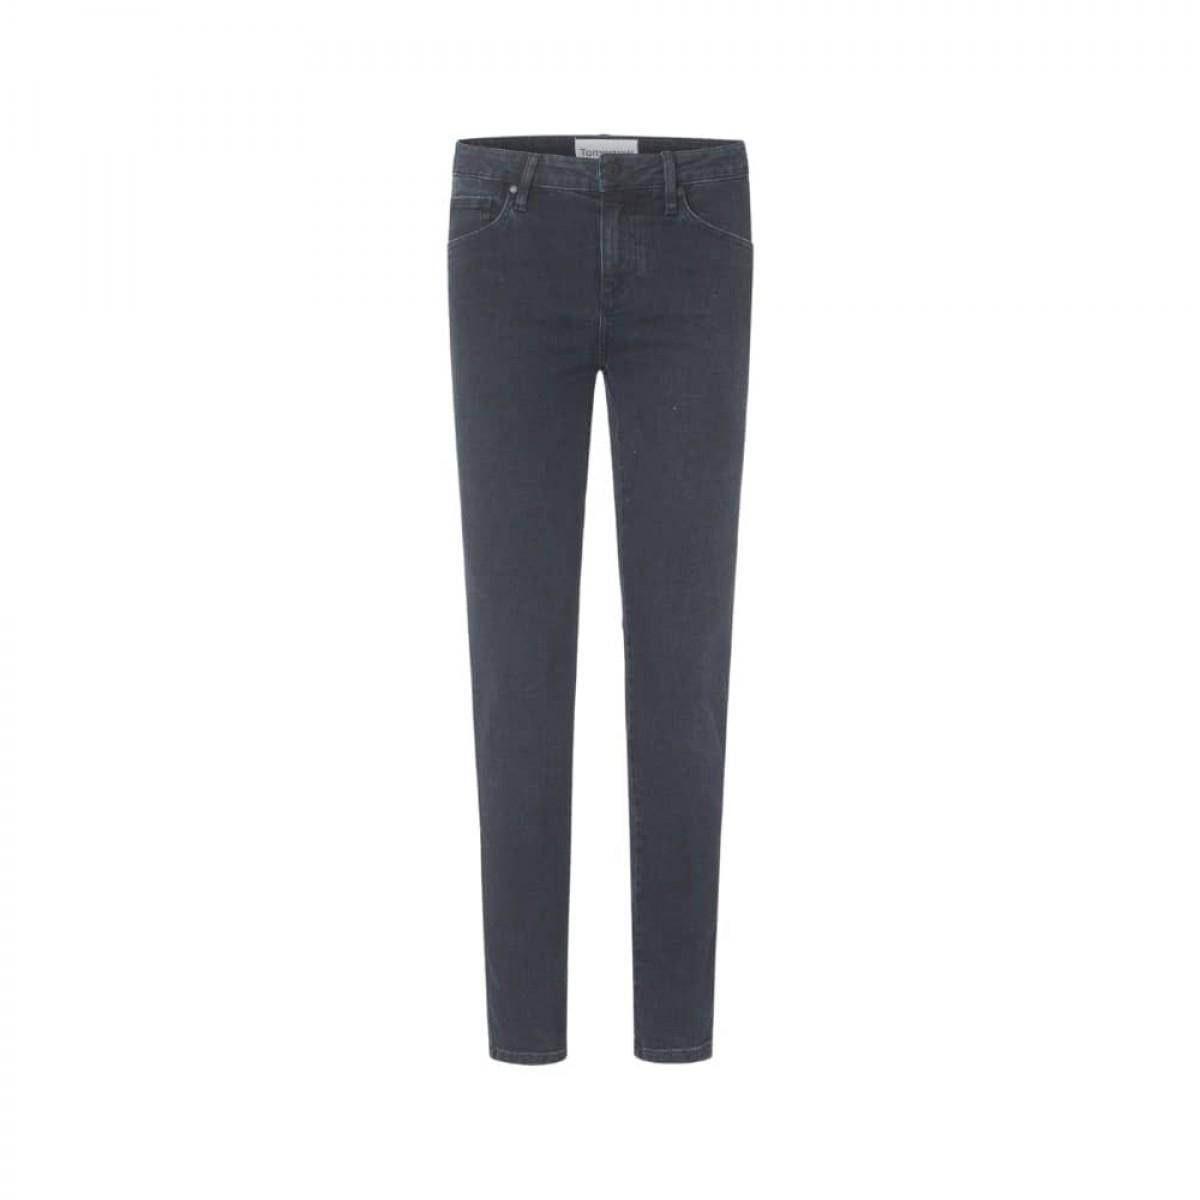 dylan slim jeans - black - front